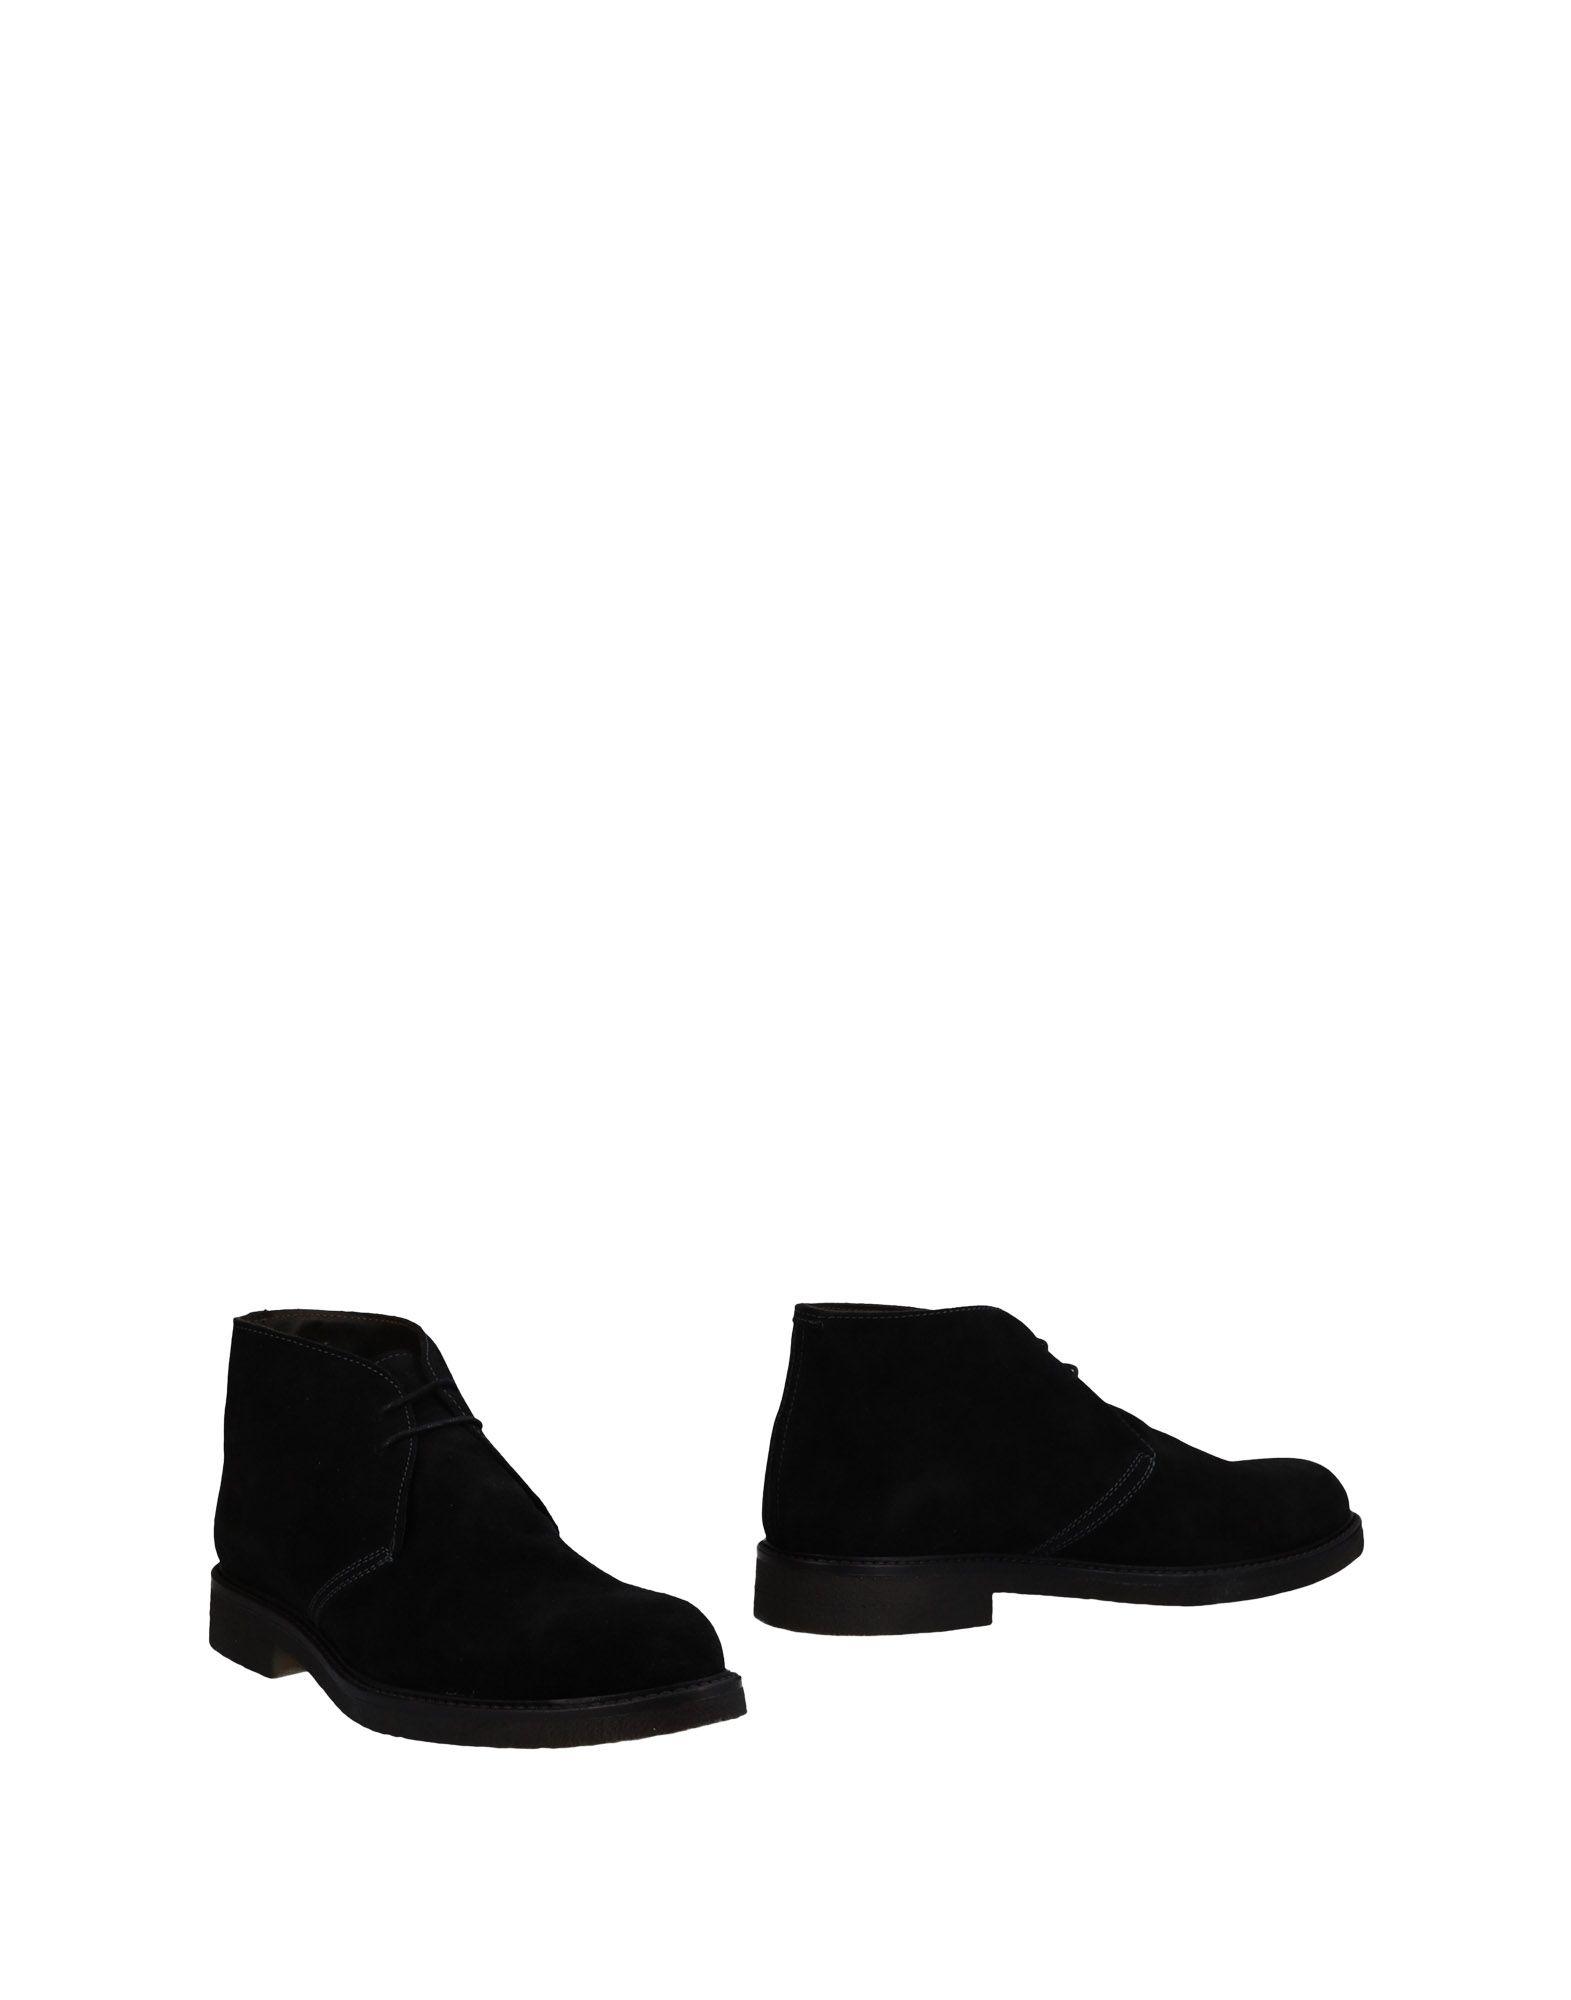 Rabatt echte Stiefelette Schuhe Angelo Pallotta Stiefelette echte Herren  11484793LR 024f35